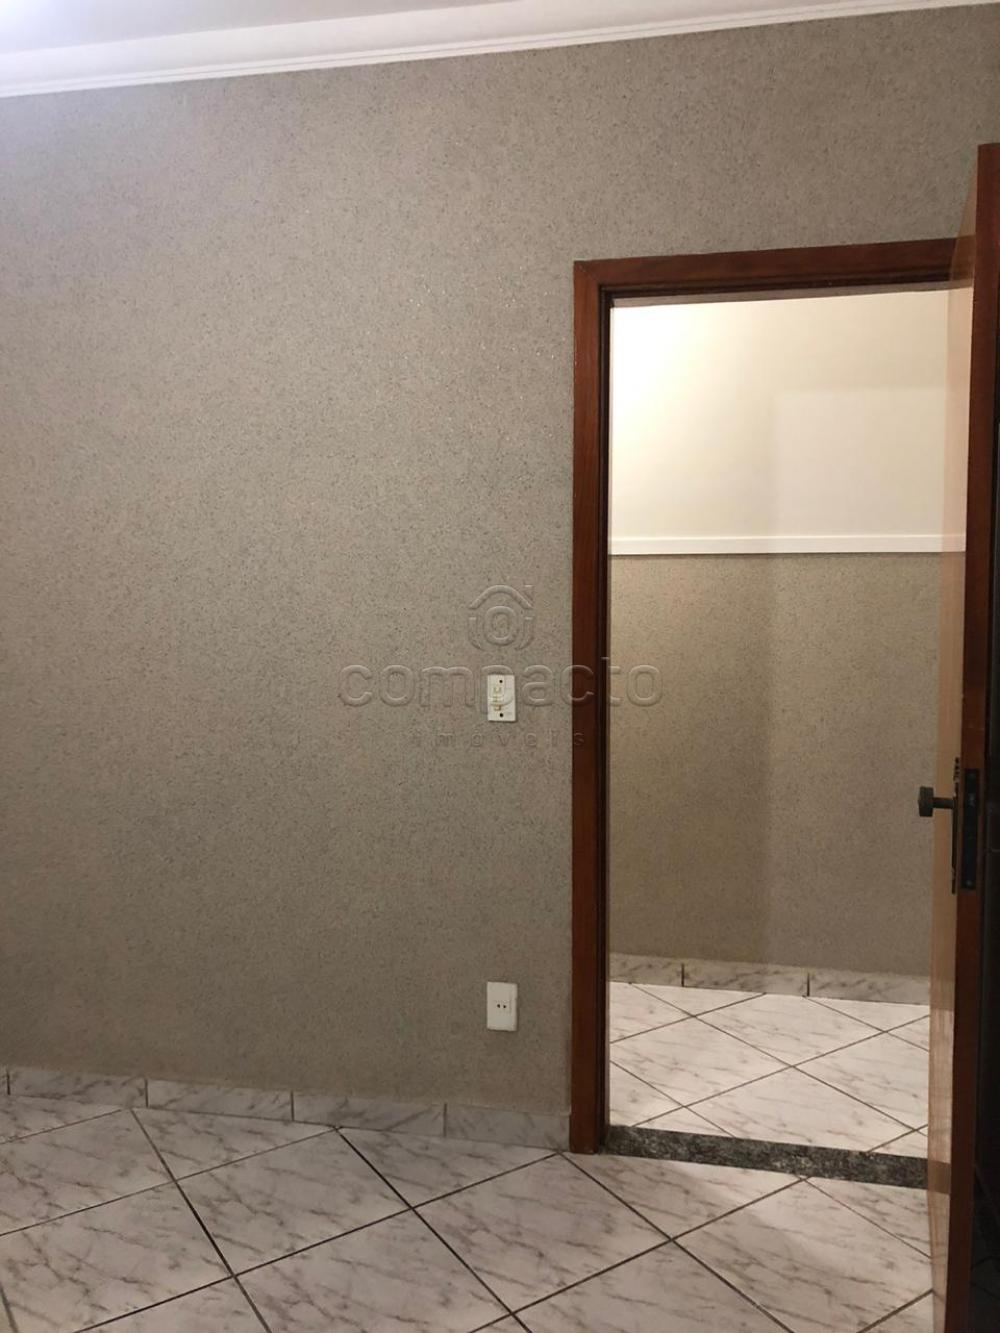 Comprar Casa / Padrão em Mirassol apenas R$ 275.000,00 - Foto 10